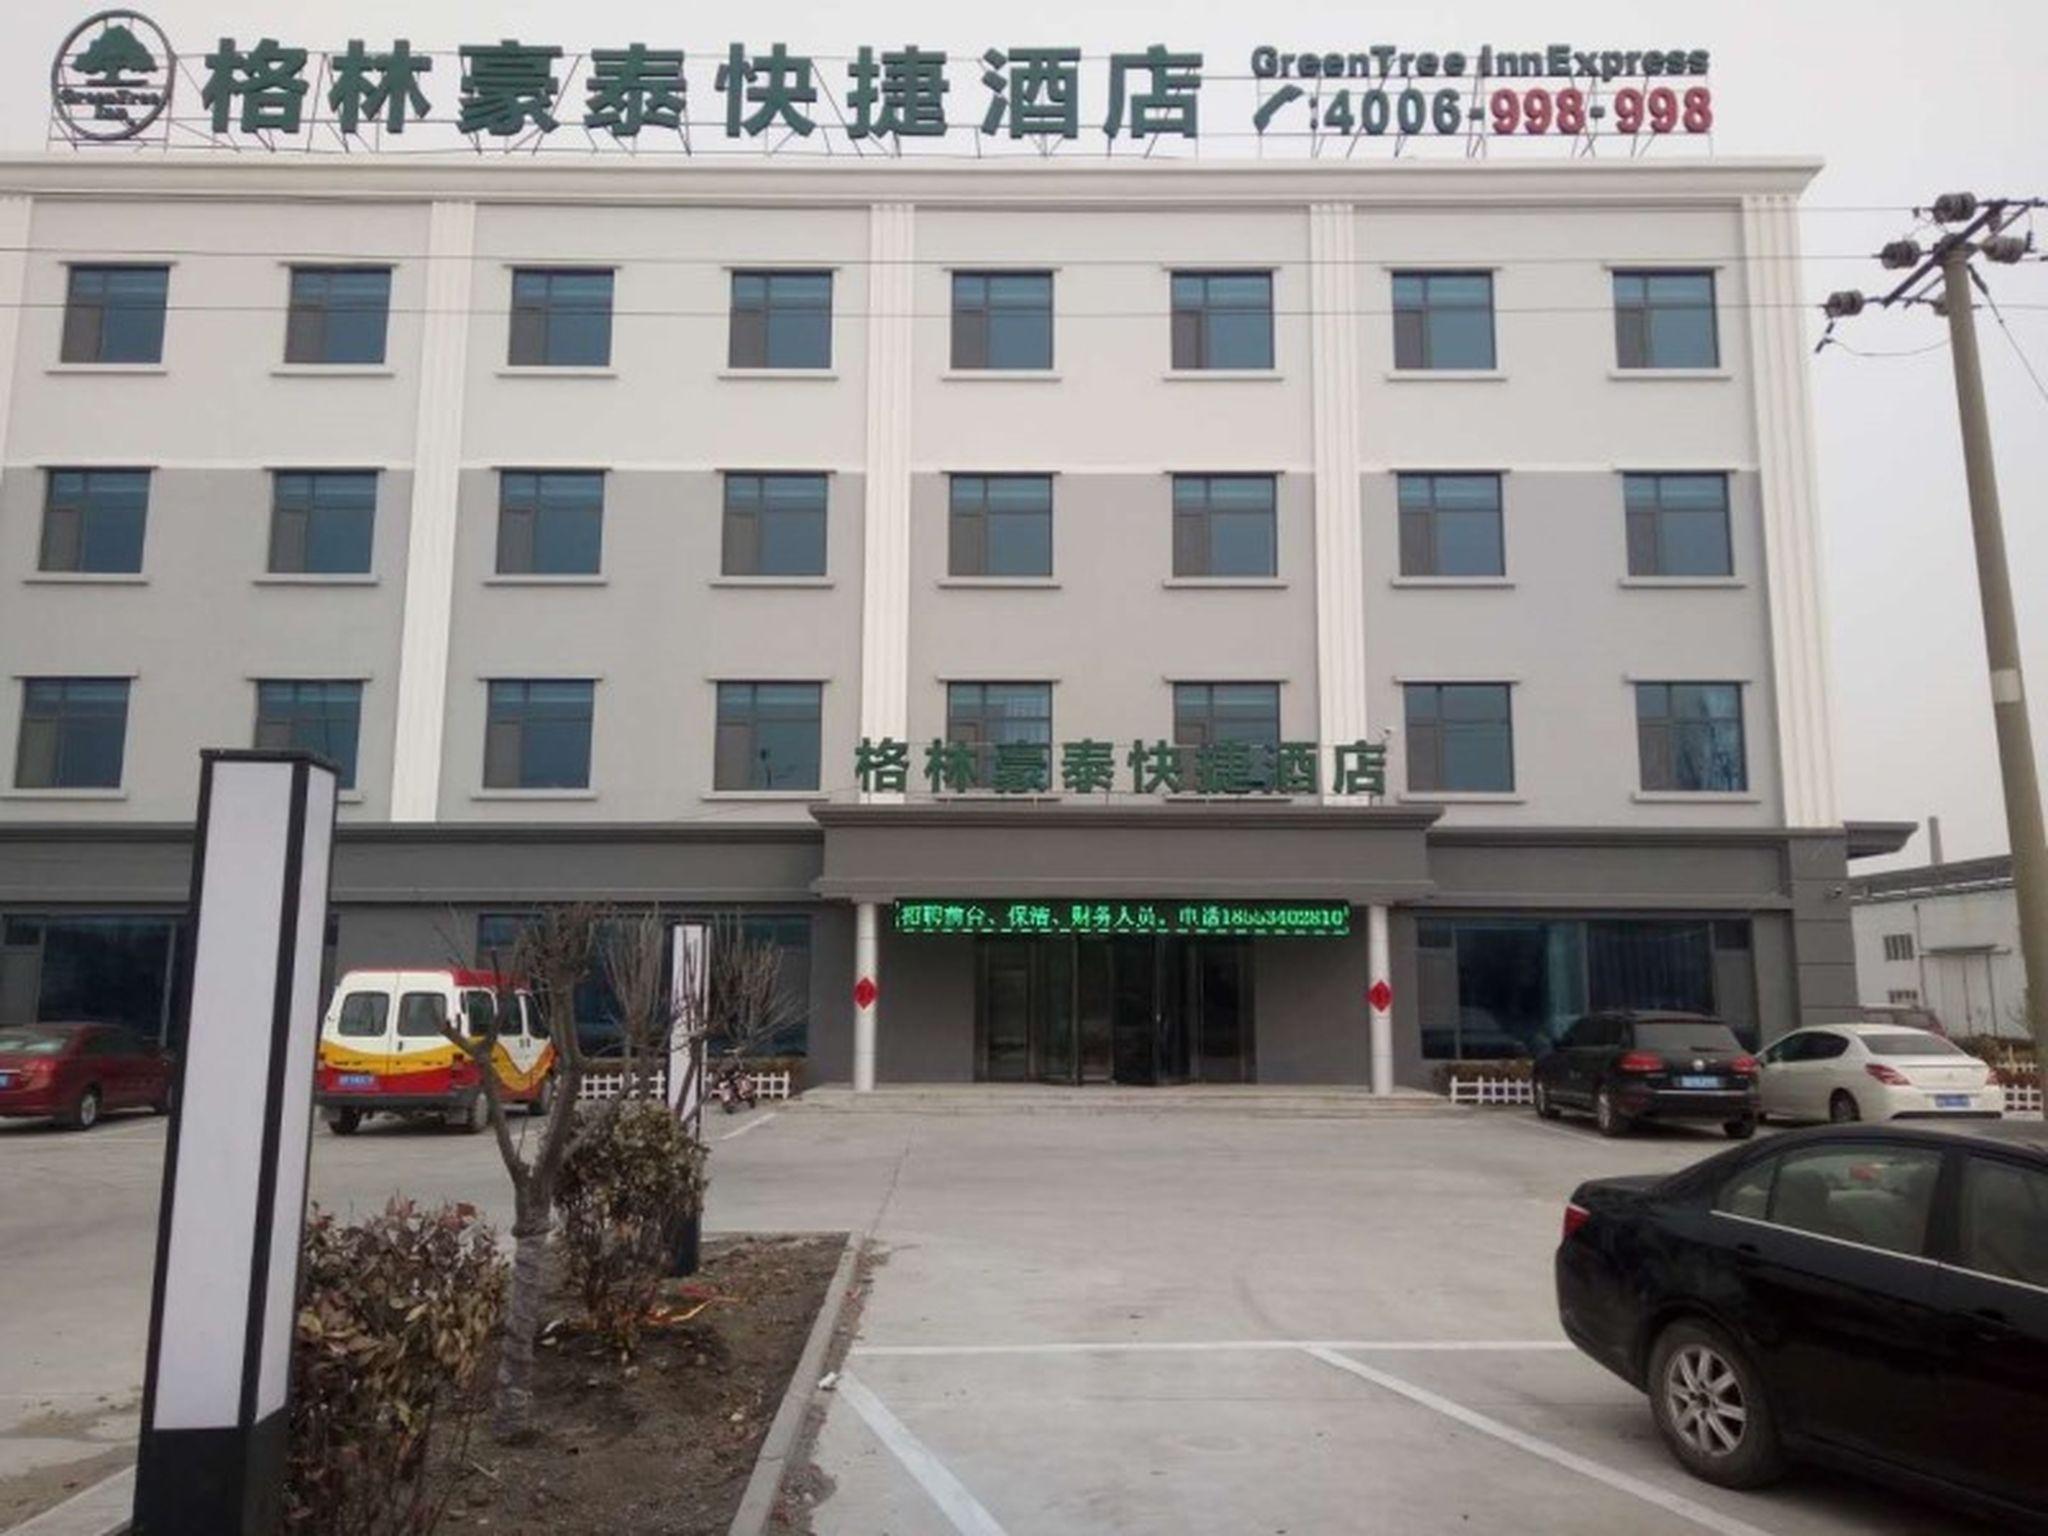 GreenTree Inn Qingdao Jiaozhou Jiaoping Road Express Hotel